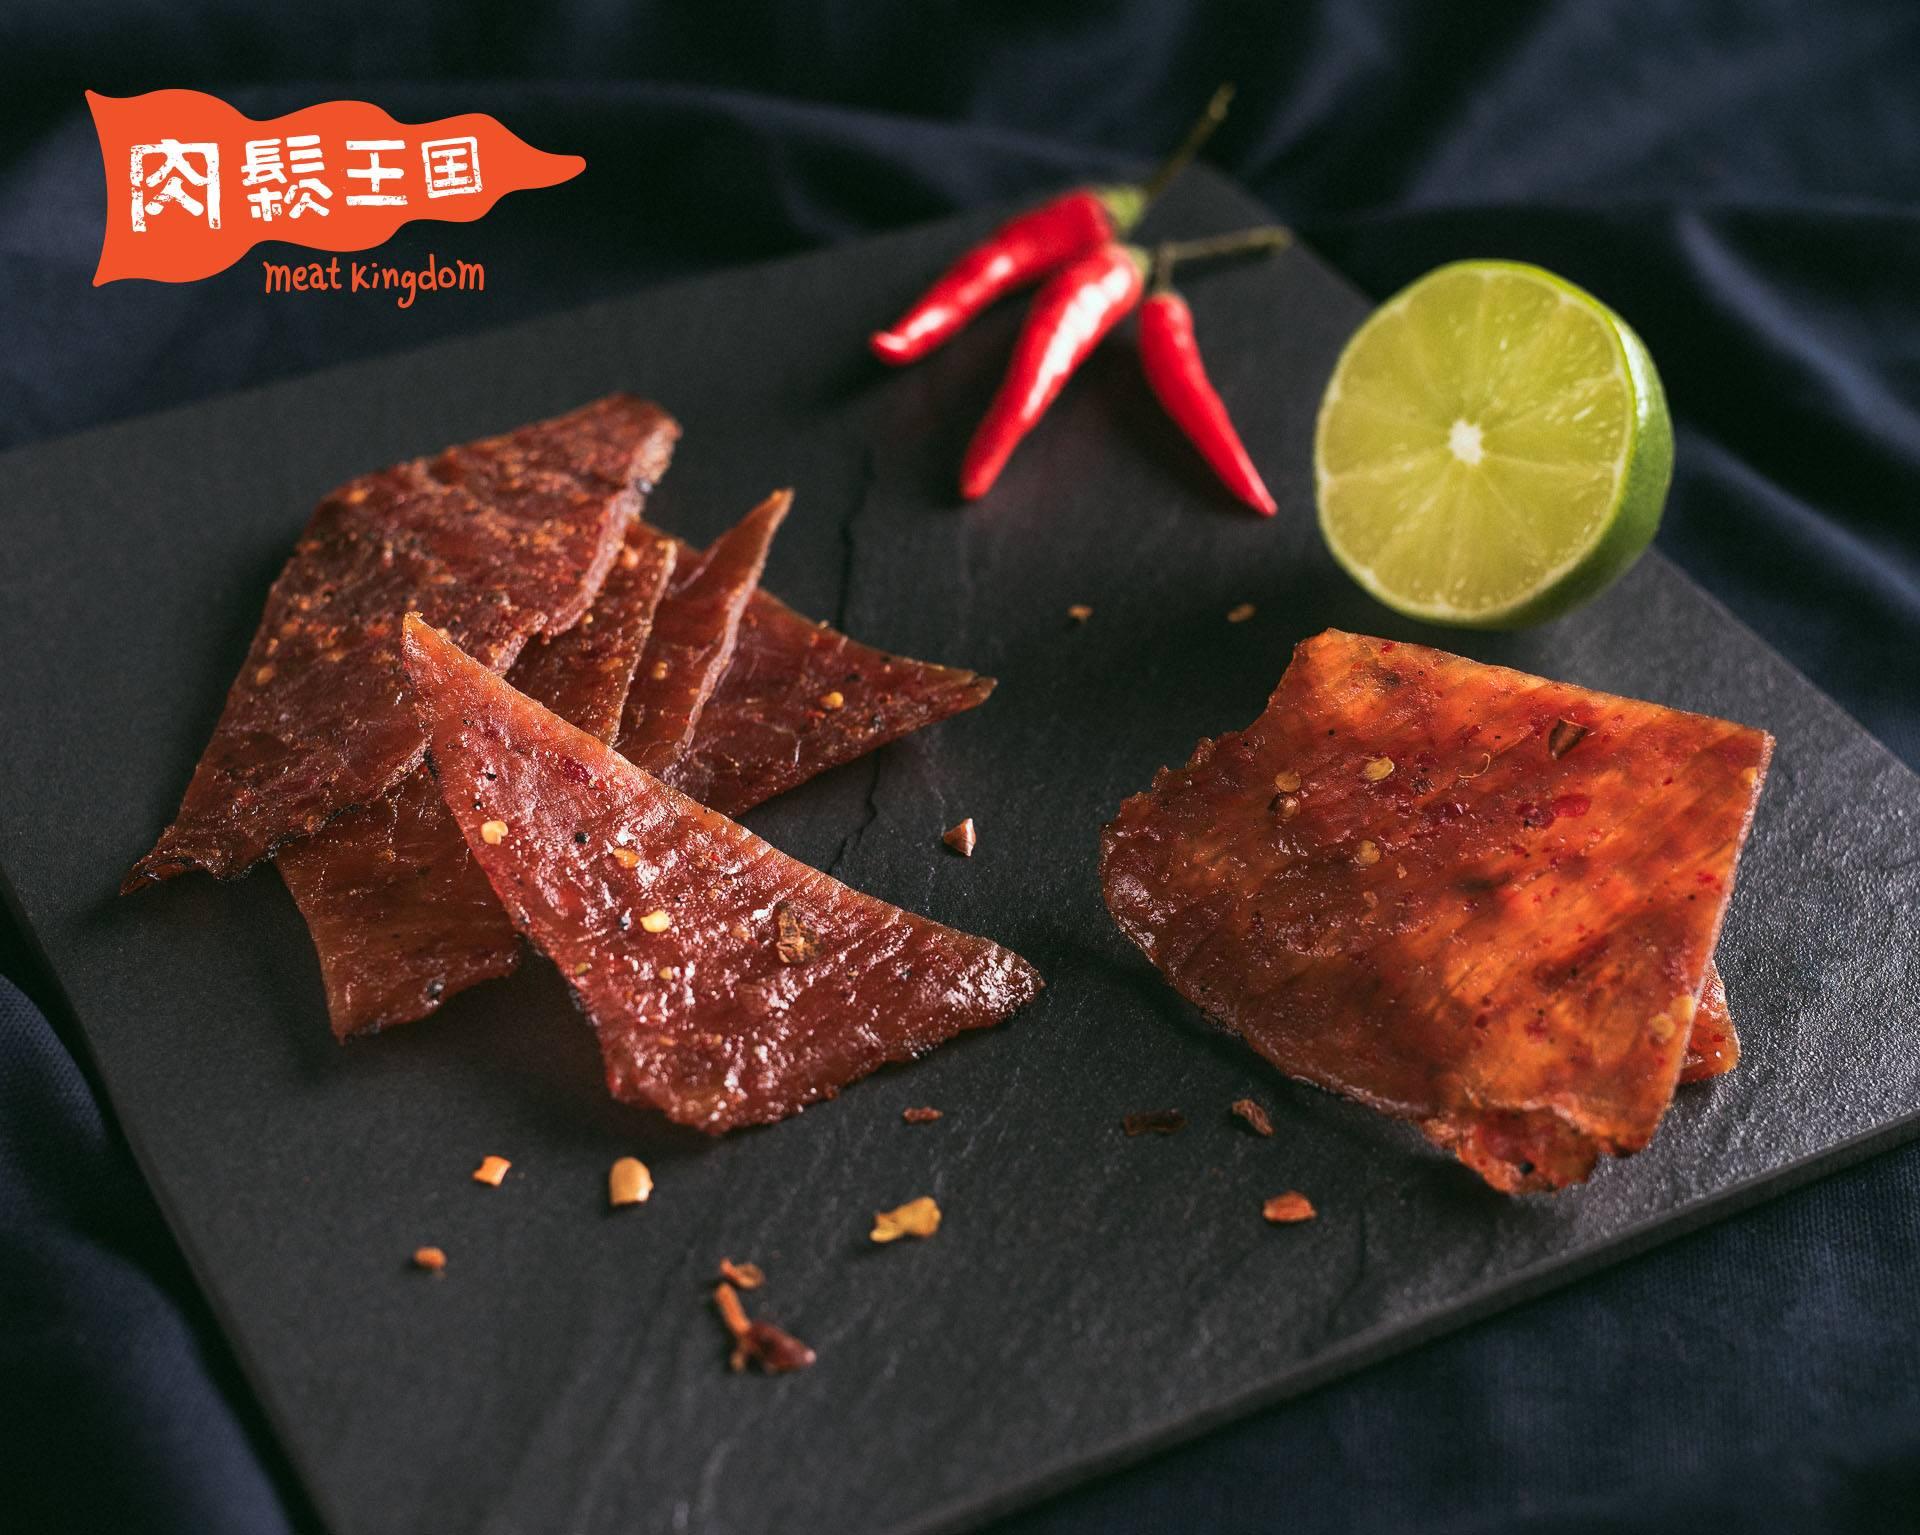 肉鬆王國 『泰式酸辣豬肉乾』?這個泰味您要嚐嚐?國王放鬆包 75g±10g